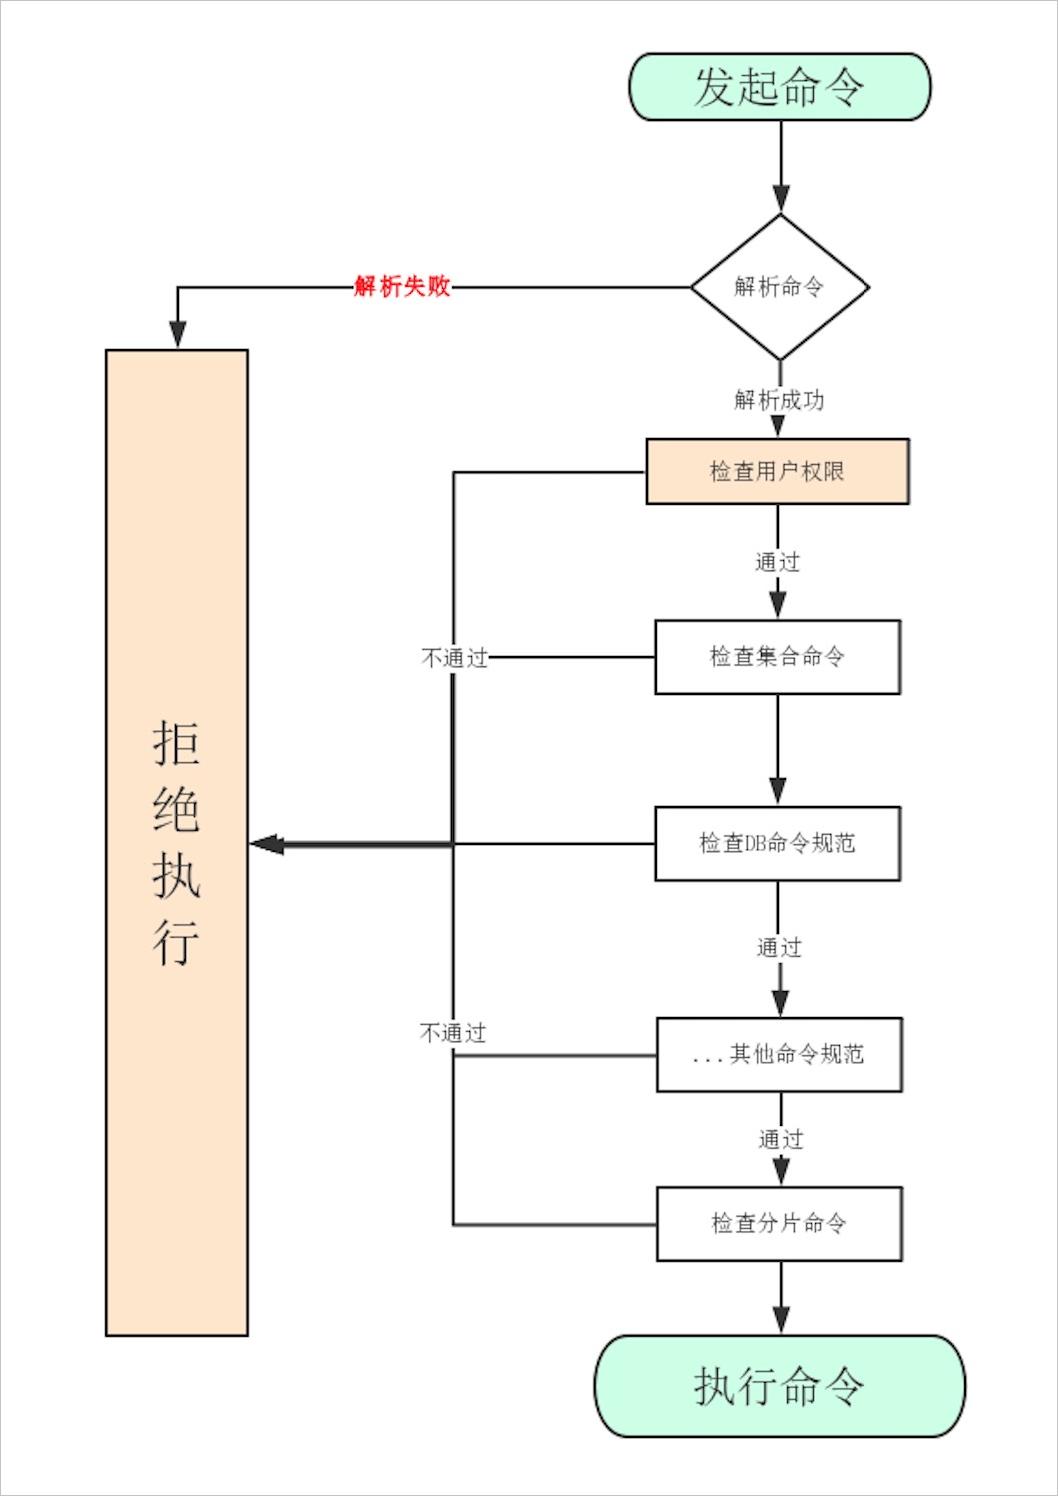 检测点流程图